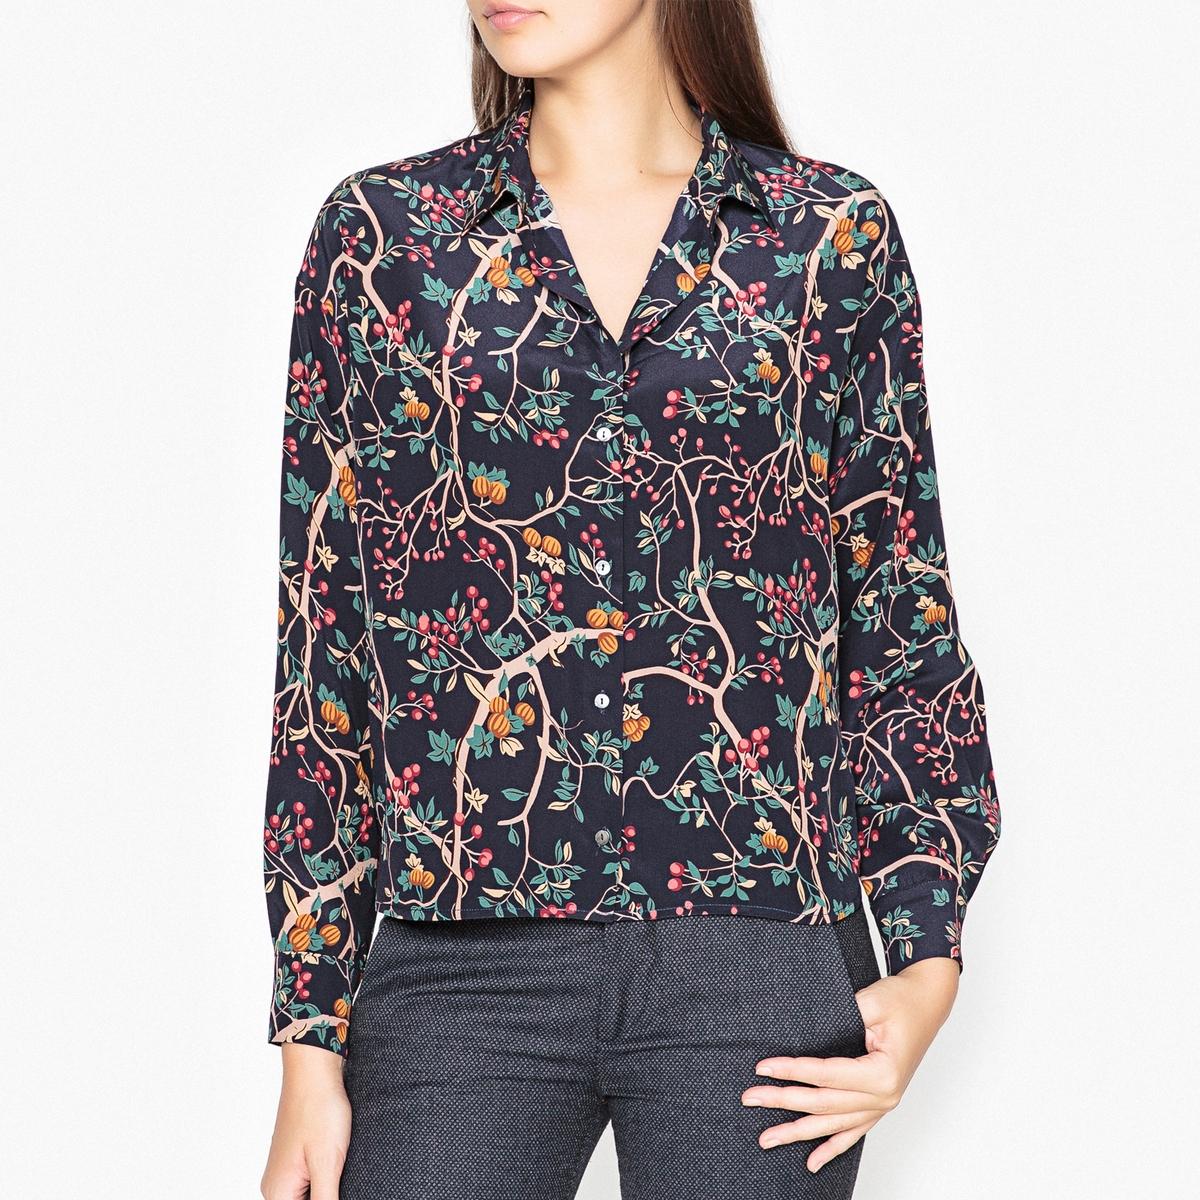 Рубашка с принтом из шелка AGATHEРубашка на пуговицах с длинными рукавами MOMONI - модель AGATHE.  Рубашечный воротник и манжеты на пуговицах из ткани с принтом, 100% шелк .Детали •  Длинные рукава •  Покрой бойфренд, свободный •  Воротник-поло, рубашечный  •  Цветочный рисунок  Состав и уход •  100% шелк •  Следуйте советам по уходу, указанным на этикетке<br><br>Цвет: рисунок черный<br>Размер: 38 (FR) - 44 (RUS)